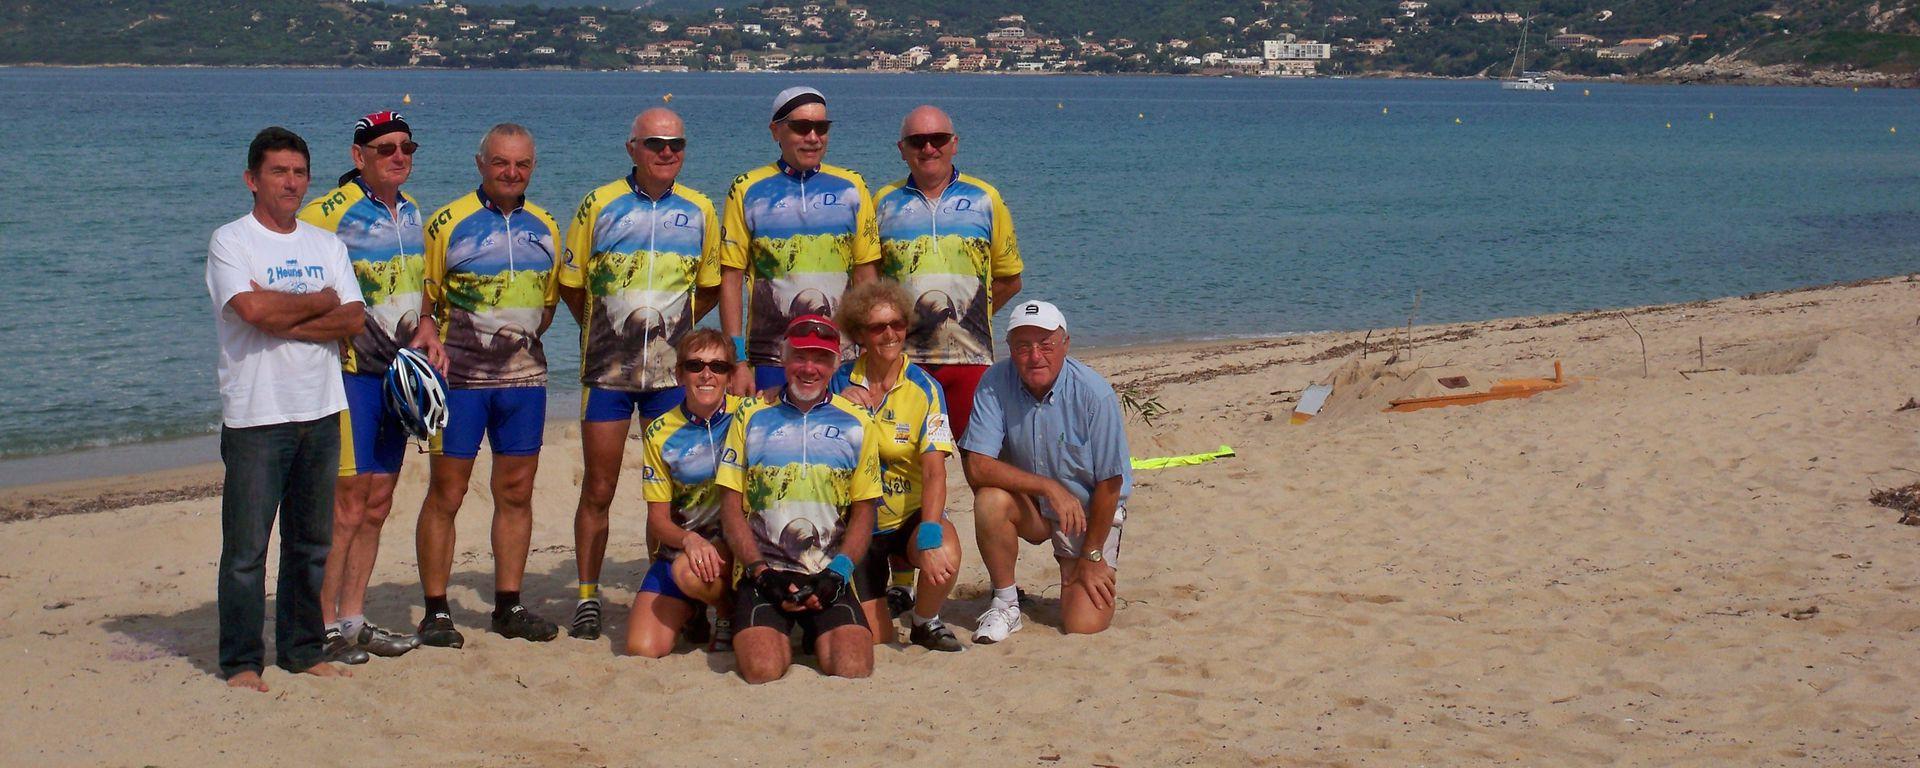 Le Club de Cyclo en Corse (Copyrigt - Club de Cyclo de Dompierre sur Mer)